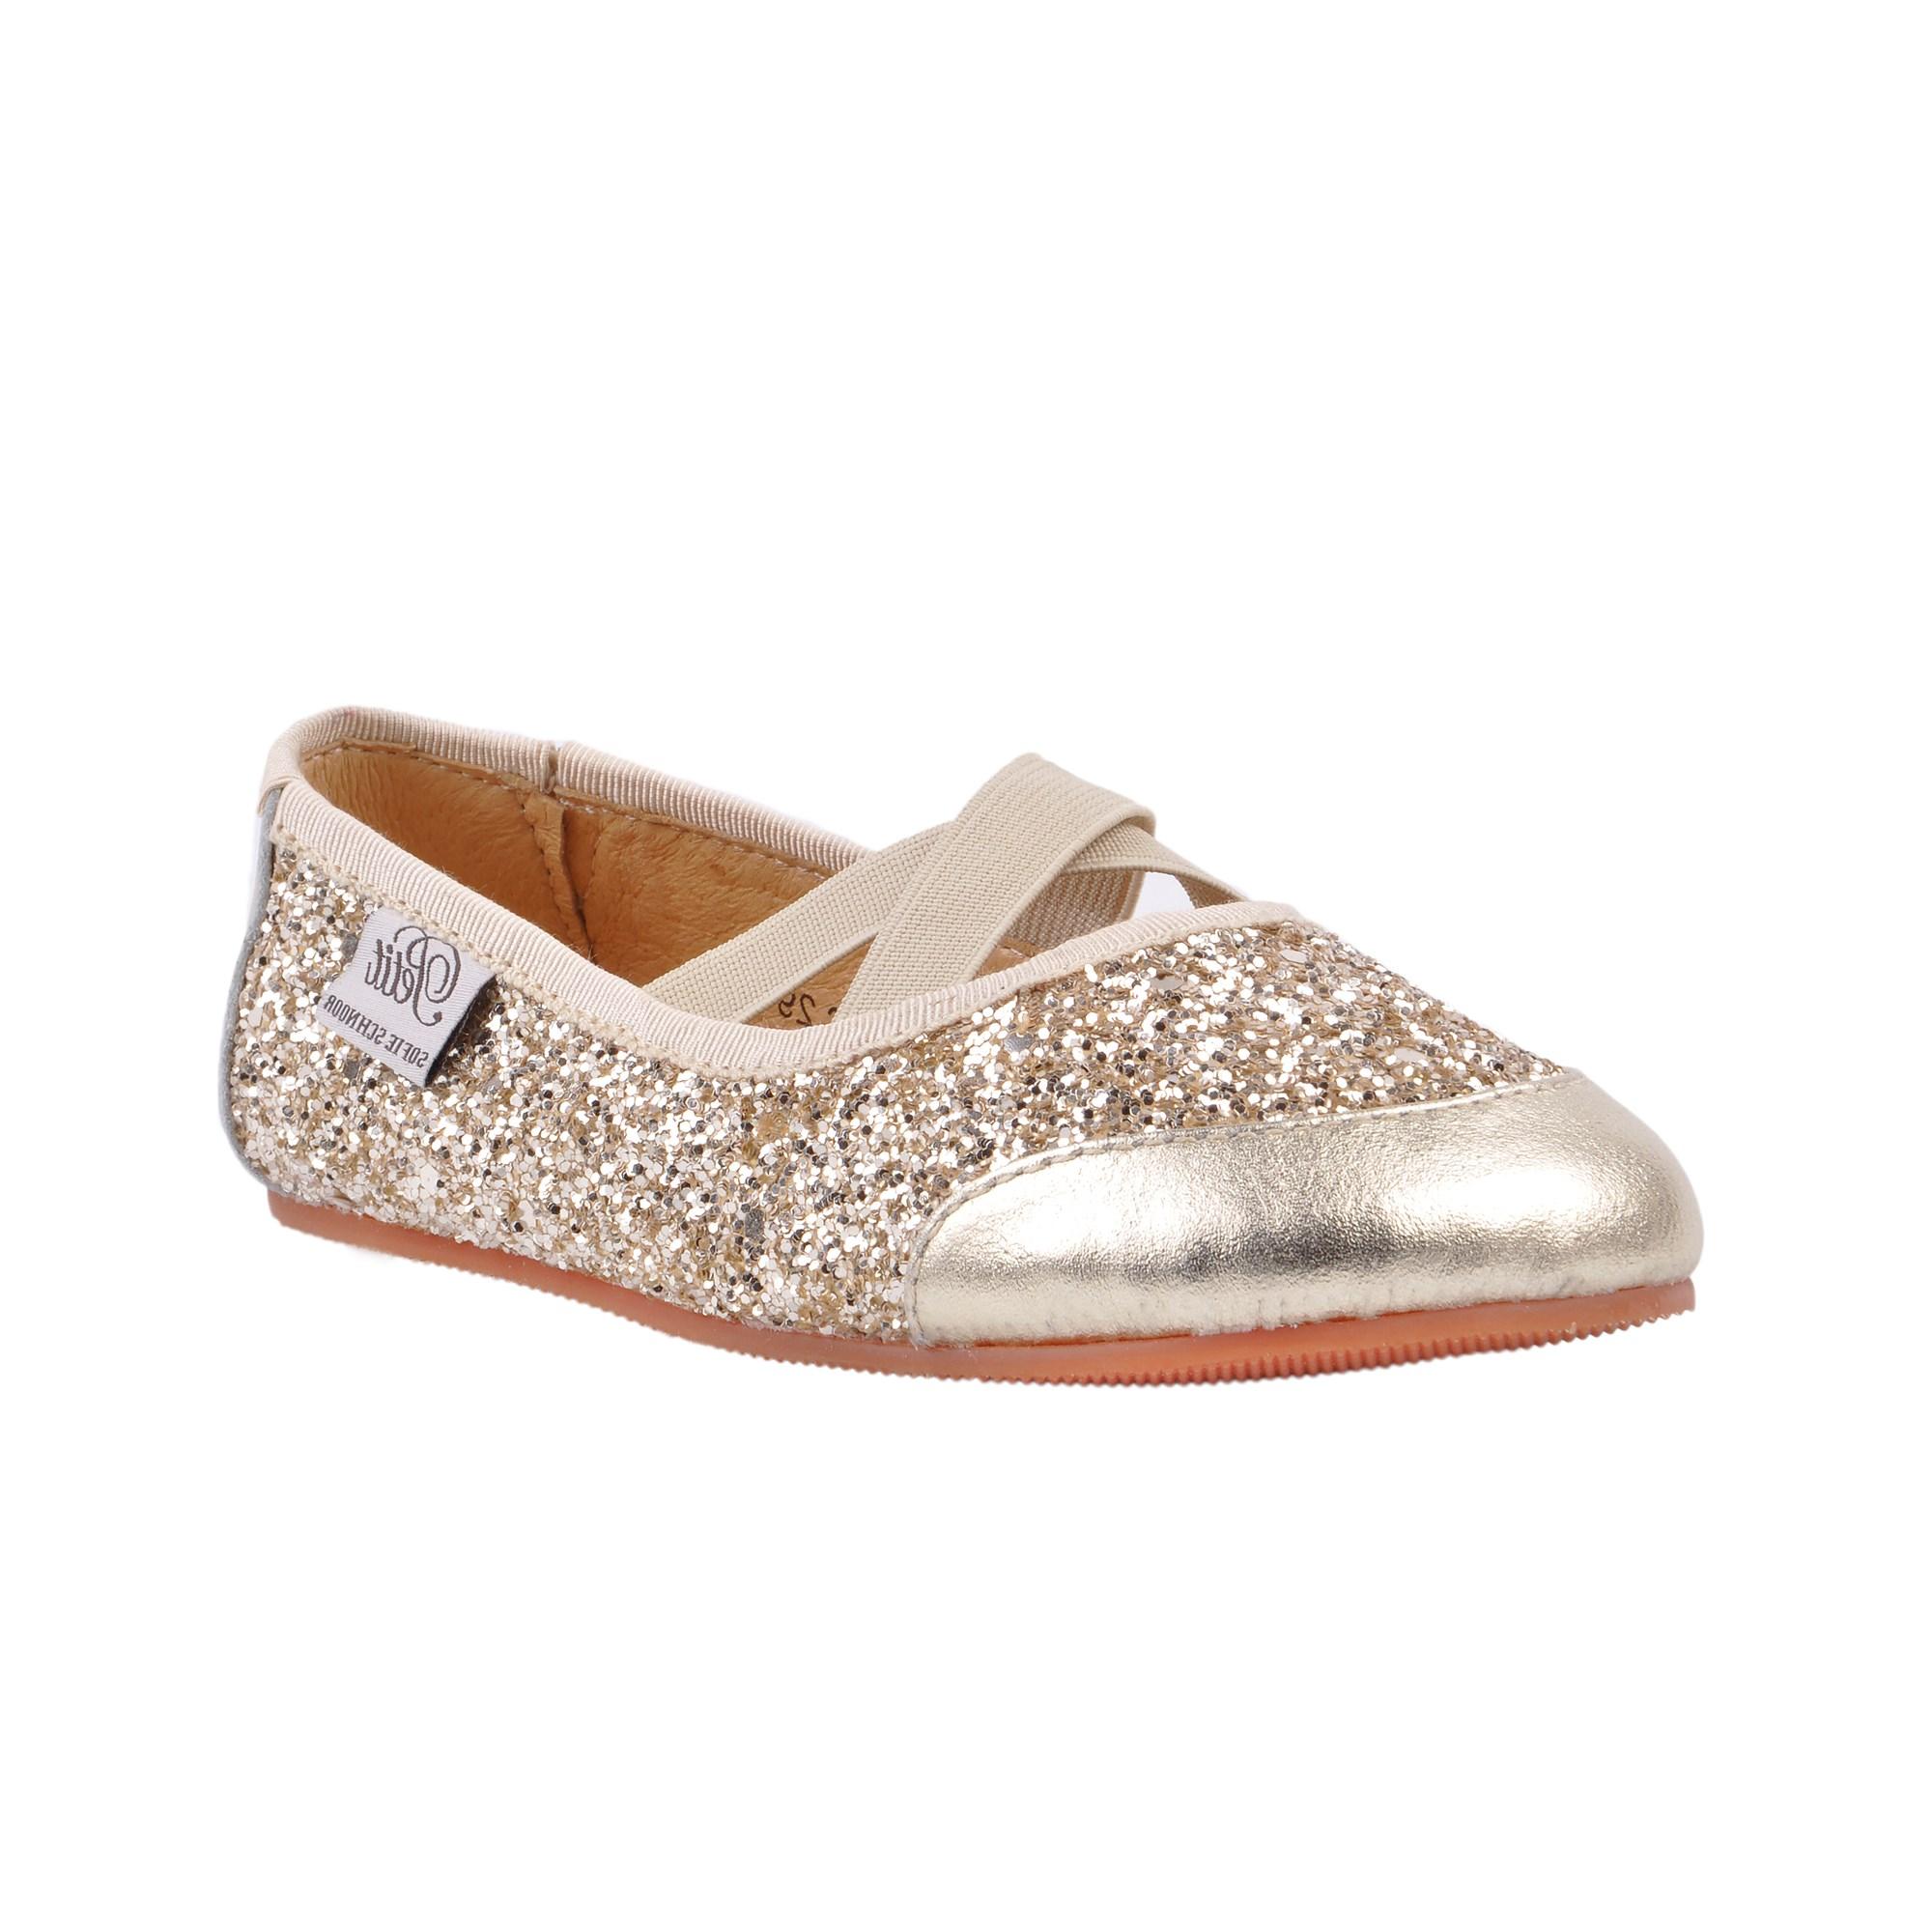 Petit By Sofie Schnoor Ballerina Indesko, Glitter Champagne